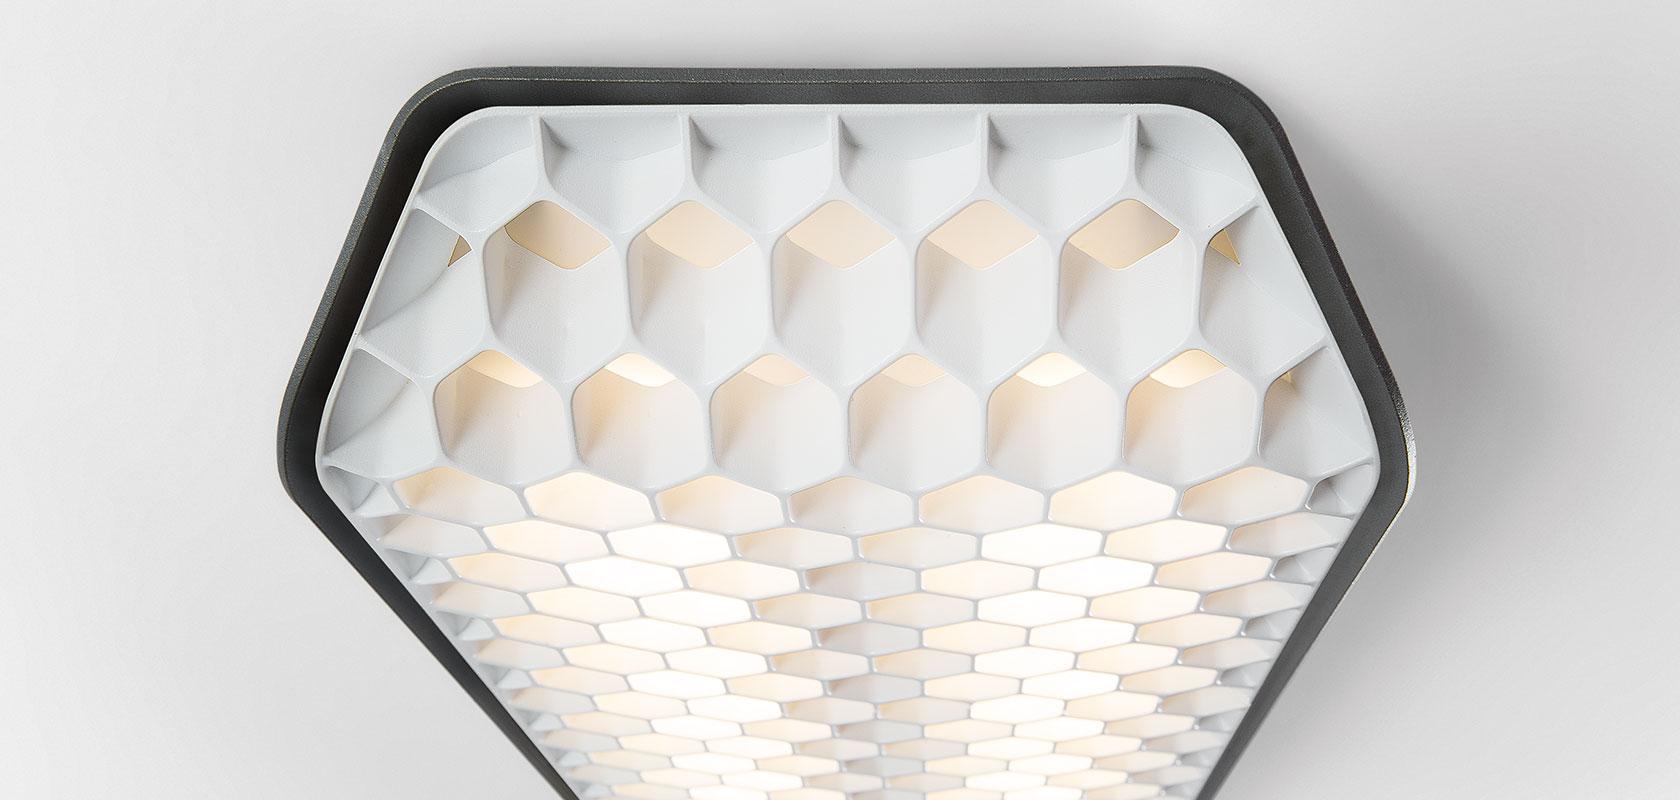 Modular+Rippvalgusti Vaeder LED 8x4W 3000K CRI90 dali/pushdim/1-10V donkey grey struc - white